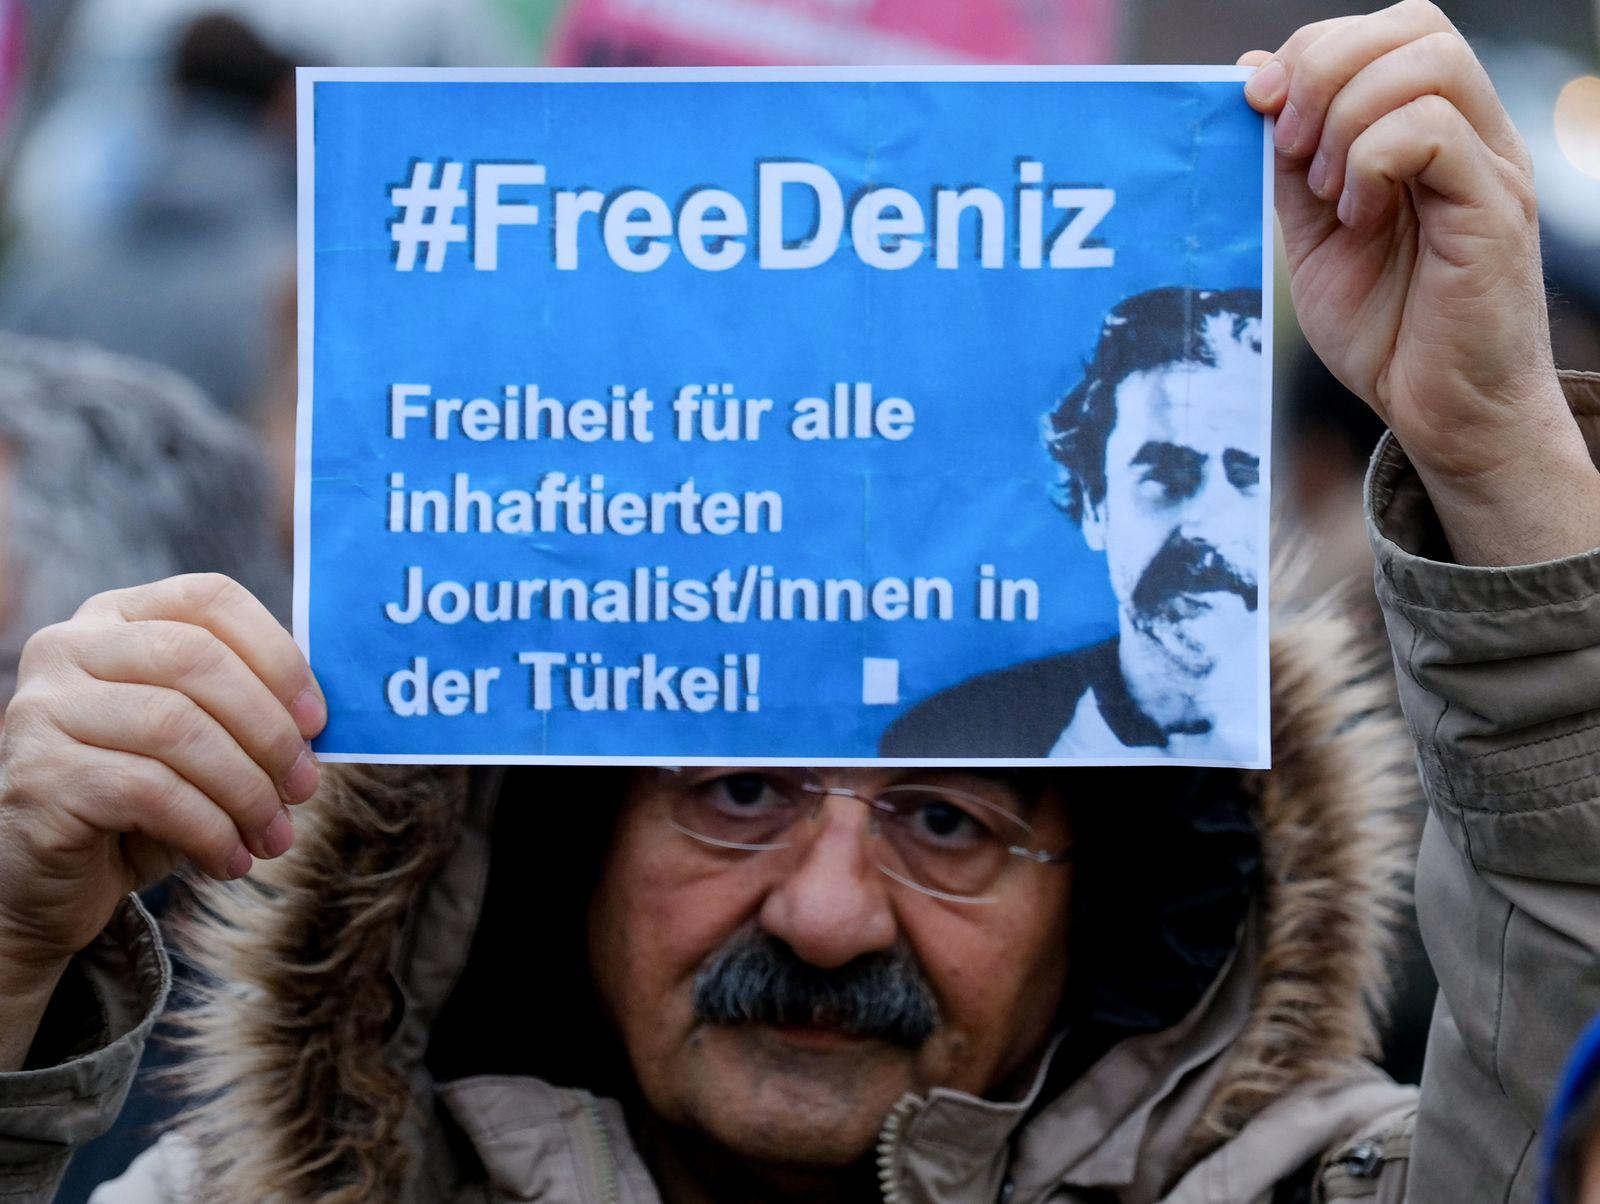 Deniz / Yücel / #FreeDeniz